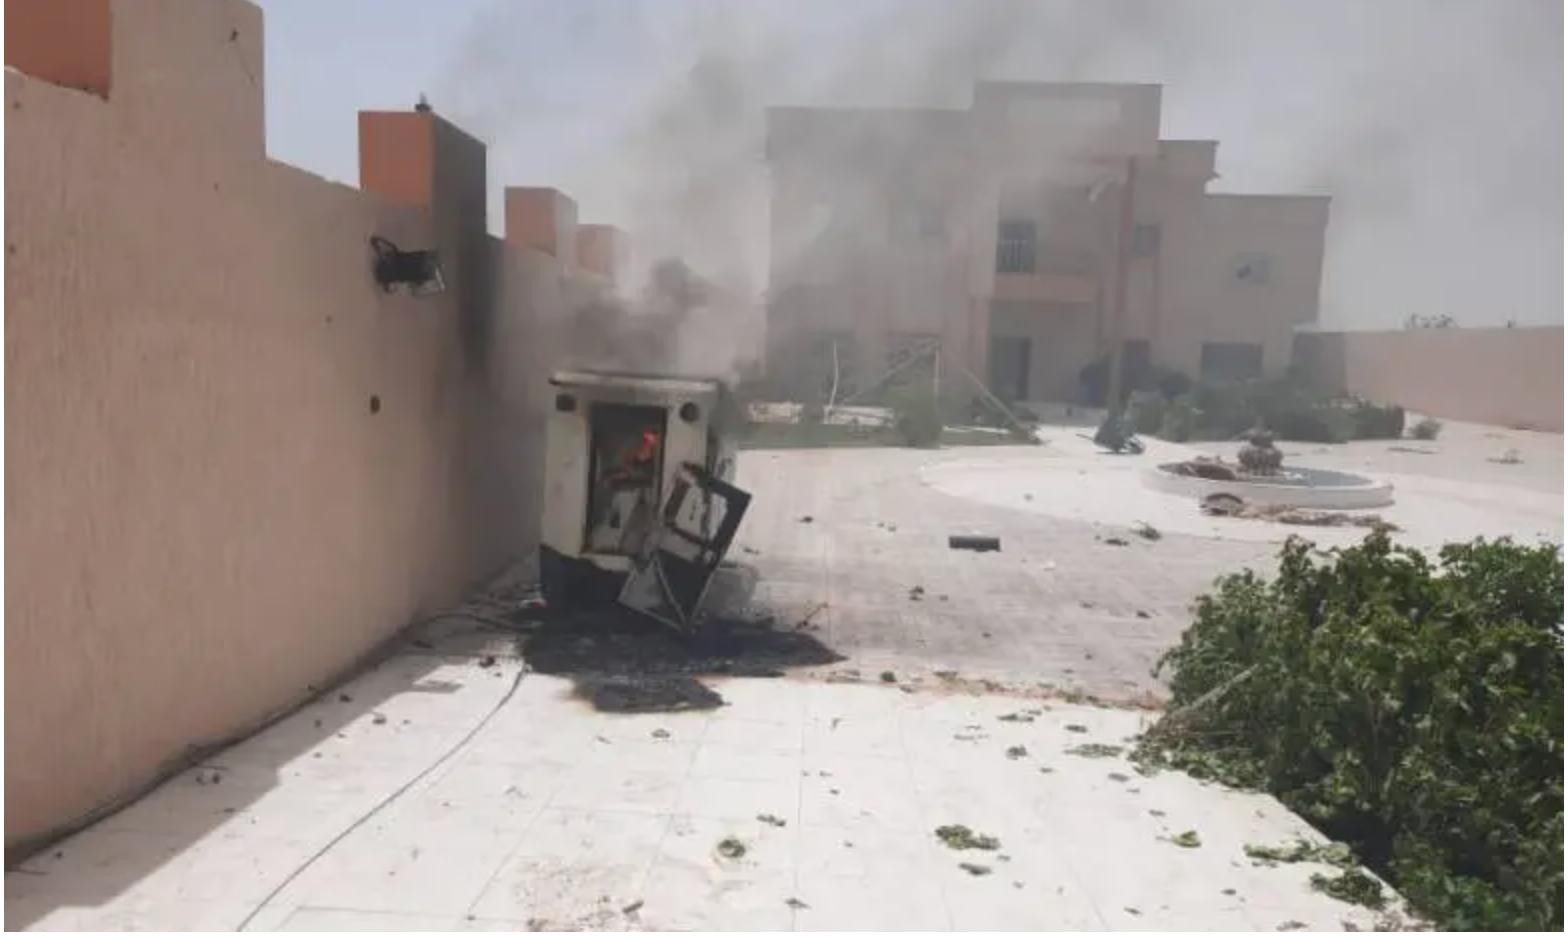 Des manifestants ont incendié des locaux de l'administration et en ont pillé les domiciles d'élus dans la moughata de R'Kiz